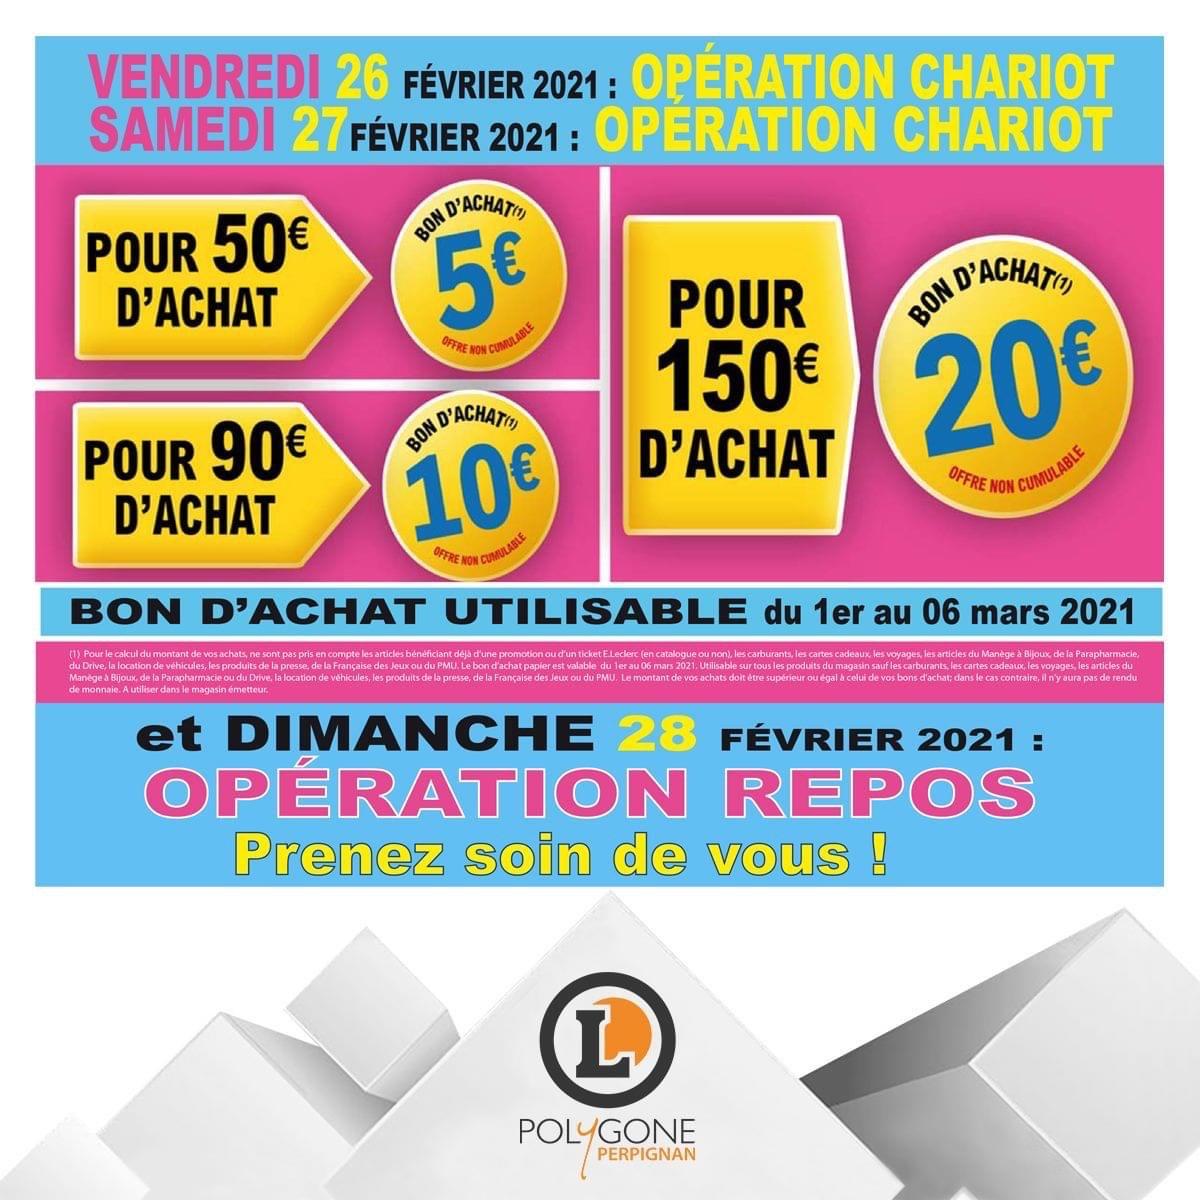 20€ en bon d'achat dès 150€ d'achats - Perpignan (66)